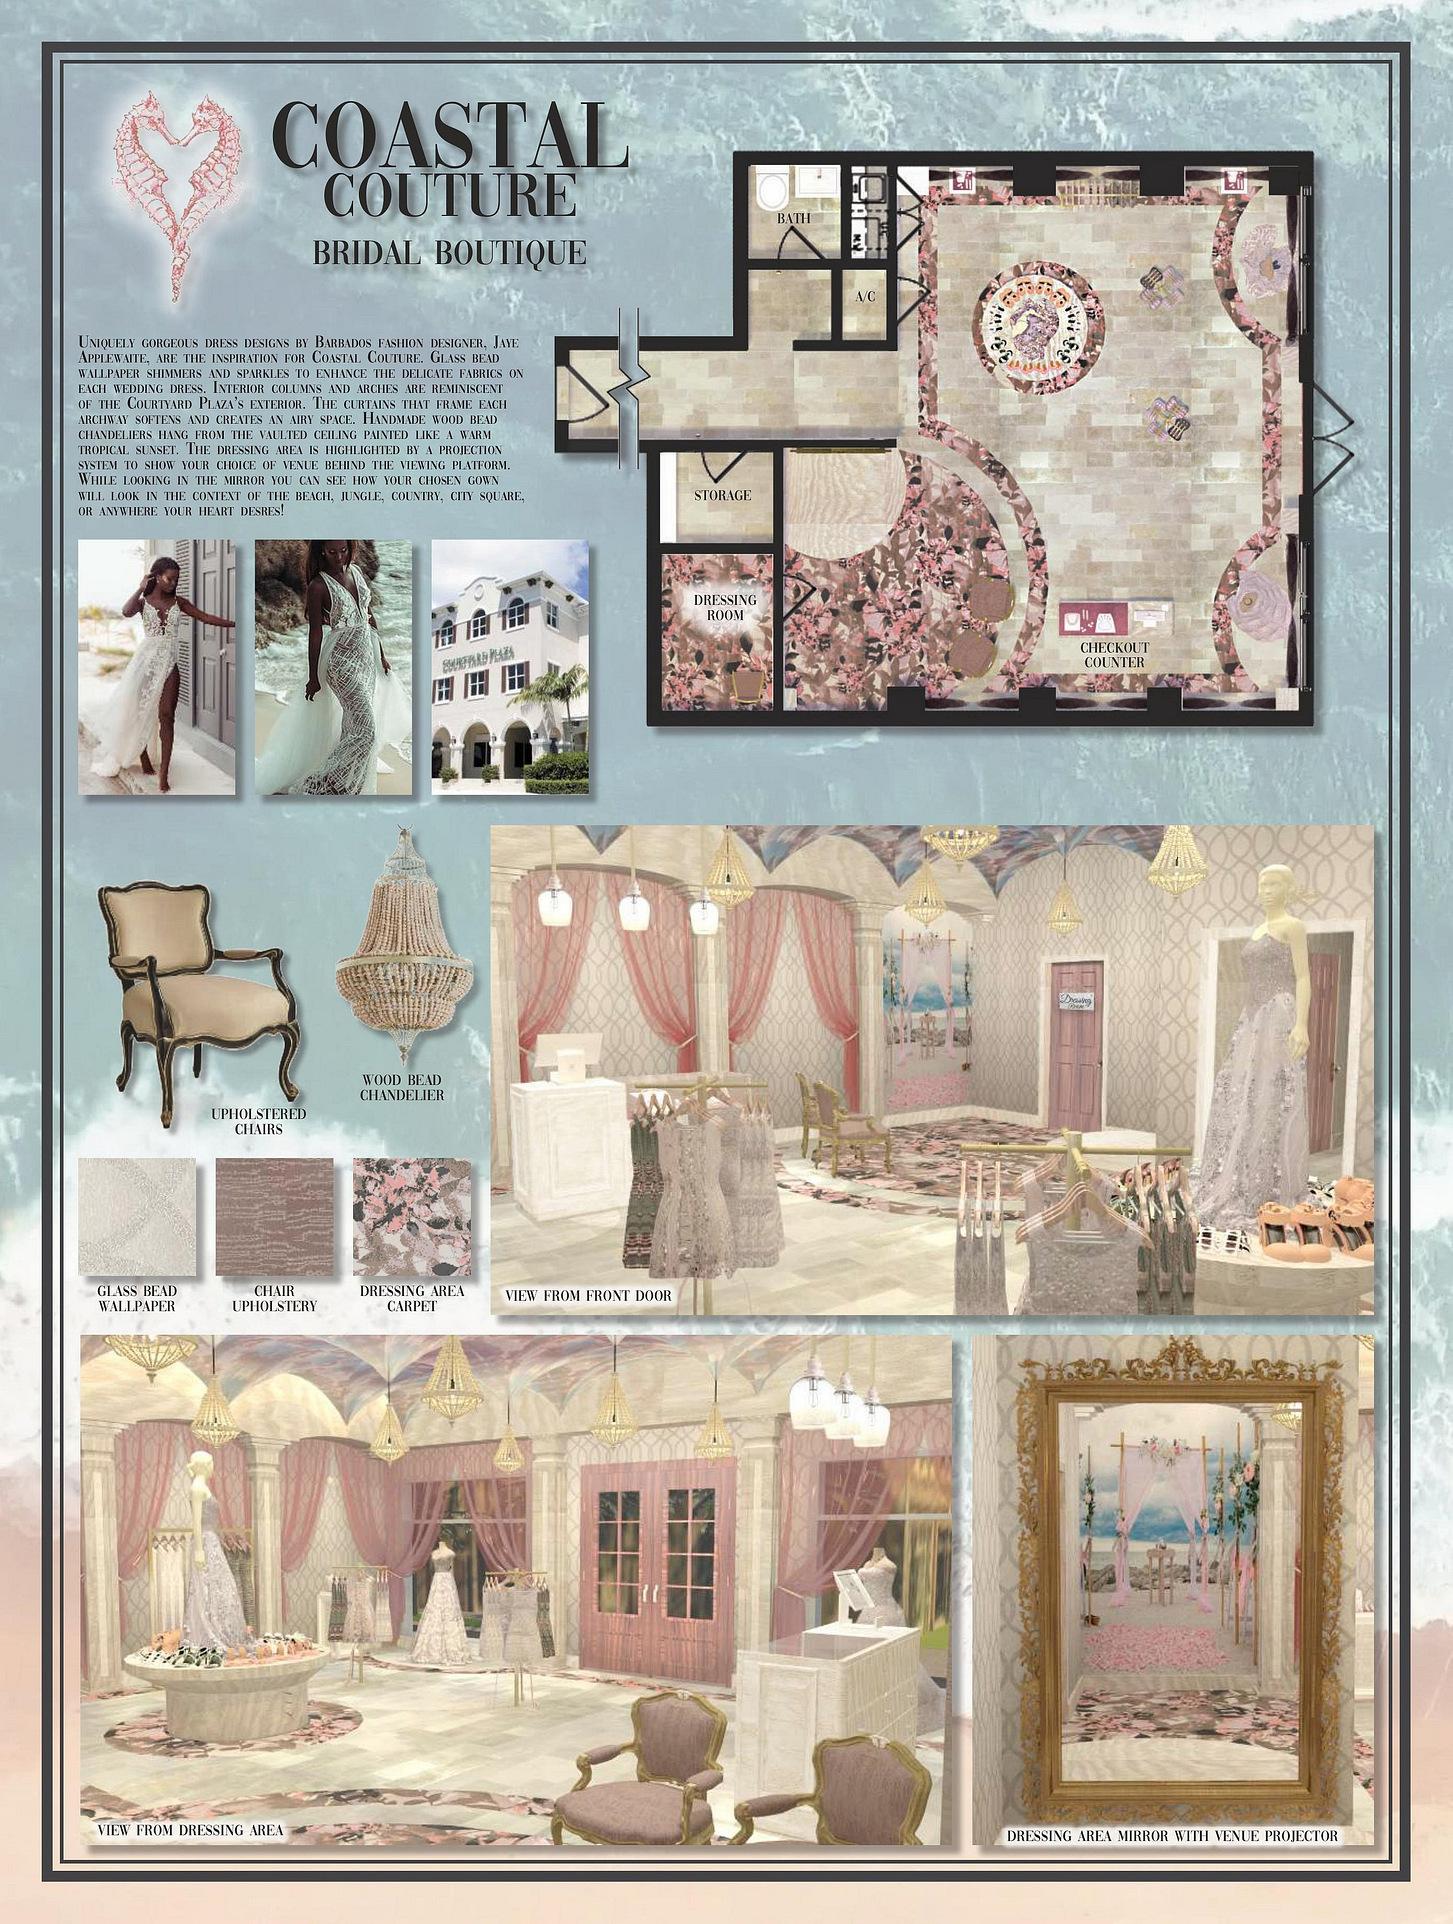 Coastal Couture Bridal Boutique